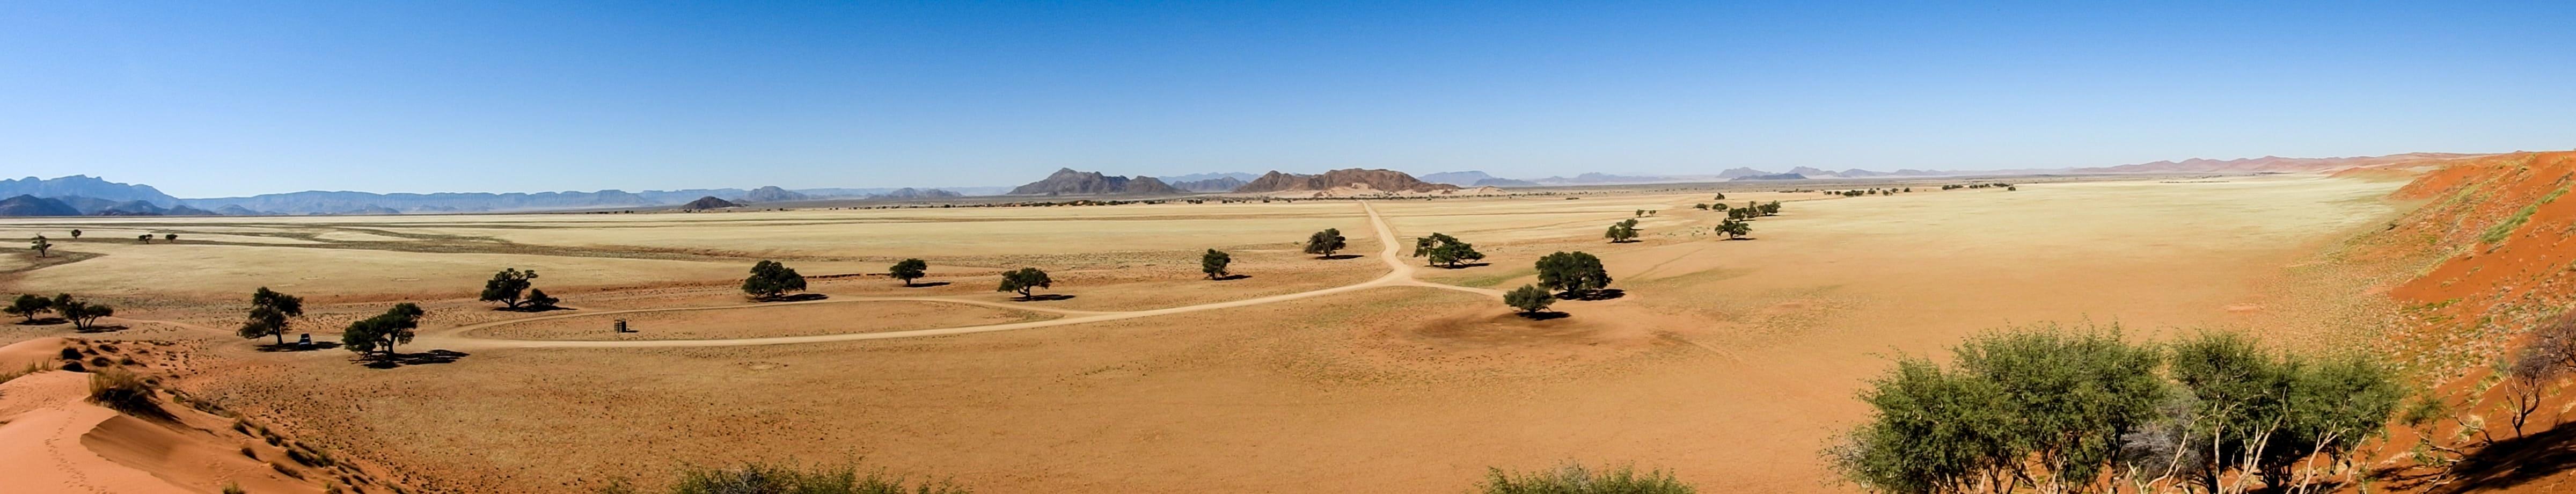 Namibia-Elim-Dune-01